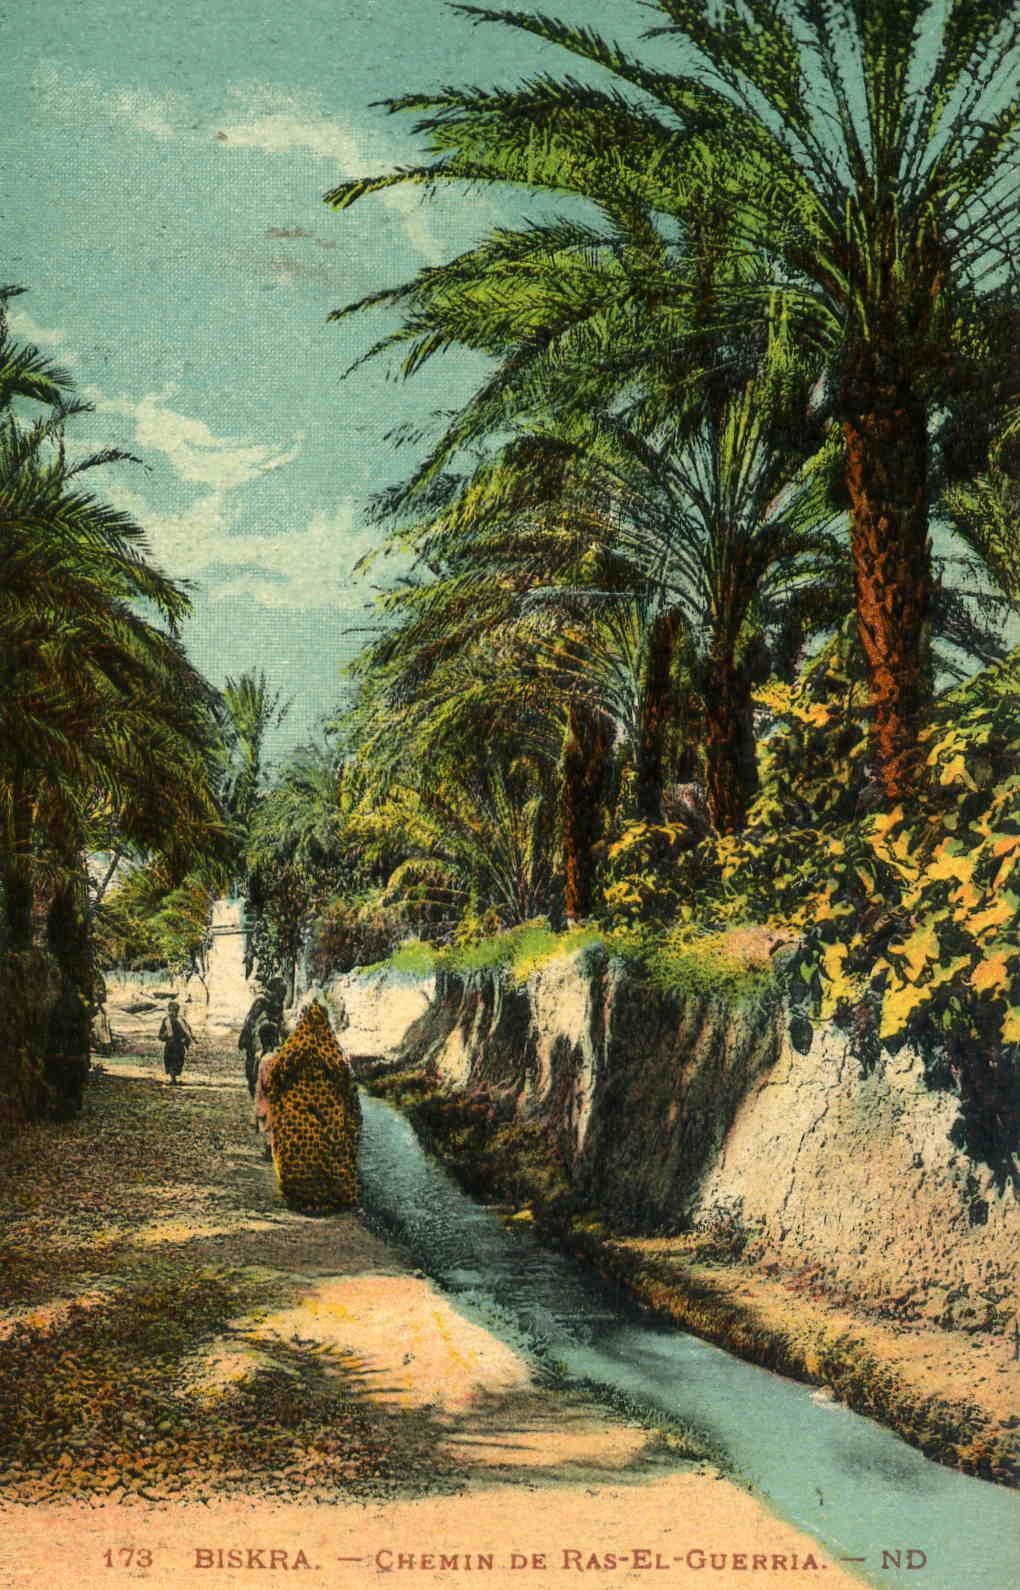 Biskra - Chemin de Ras-El-Guerria